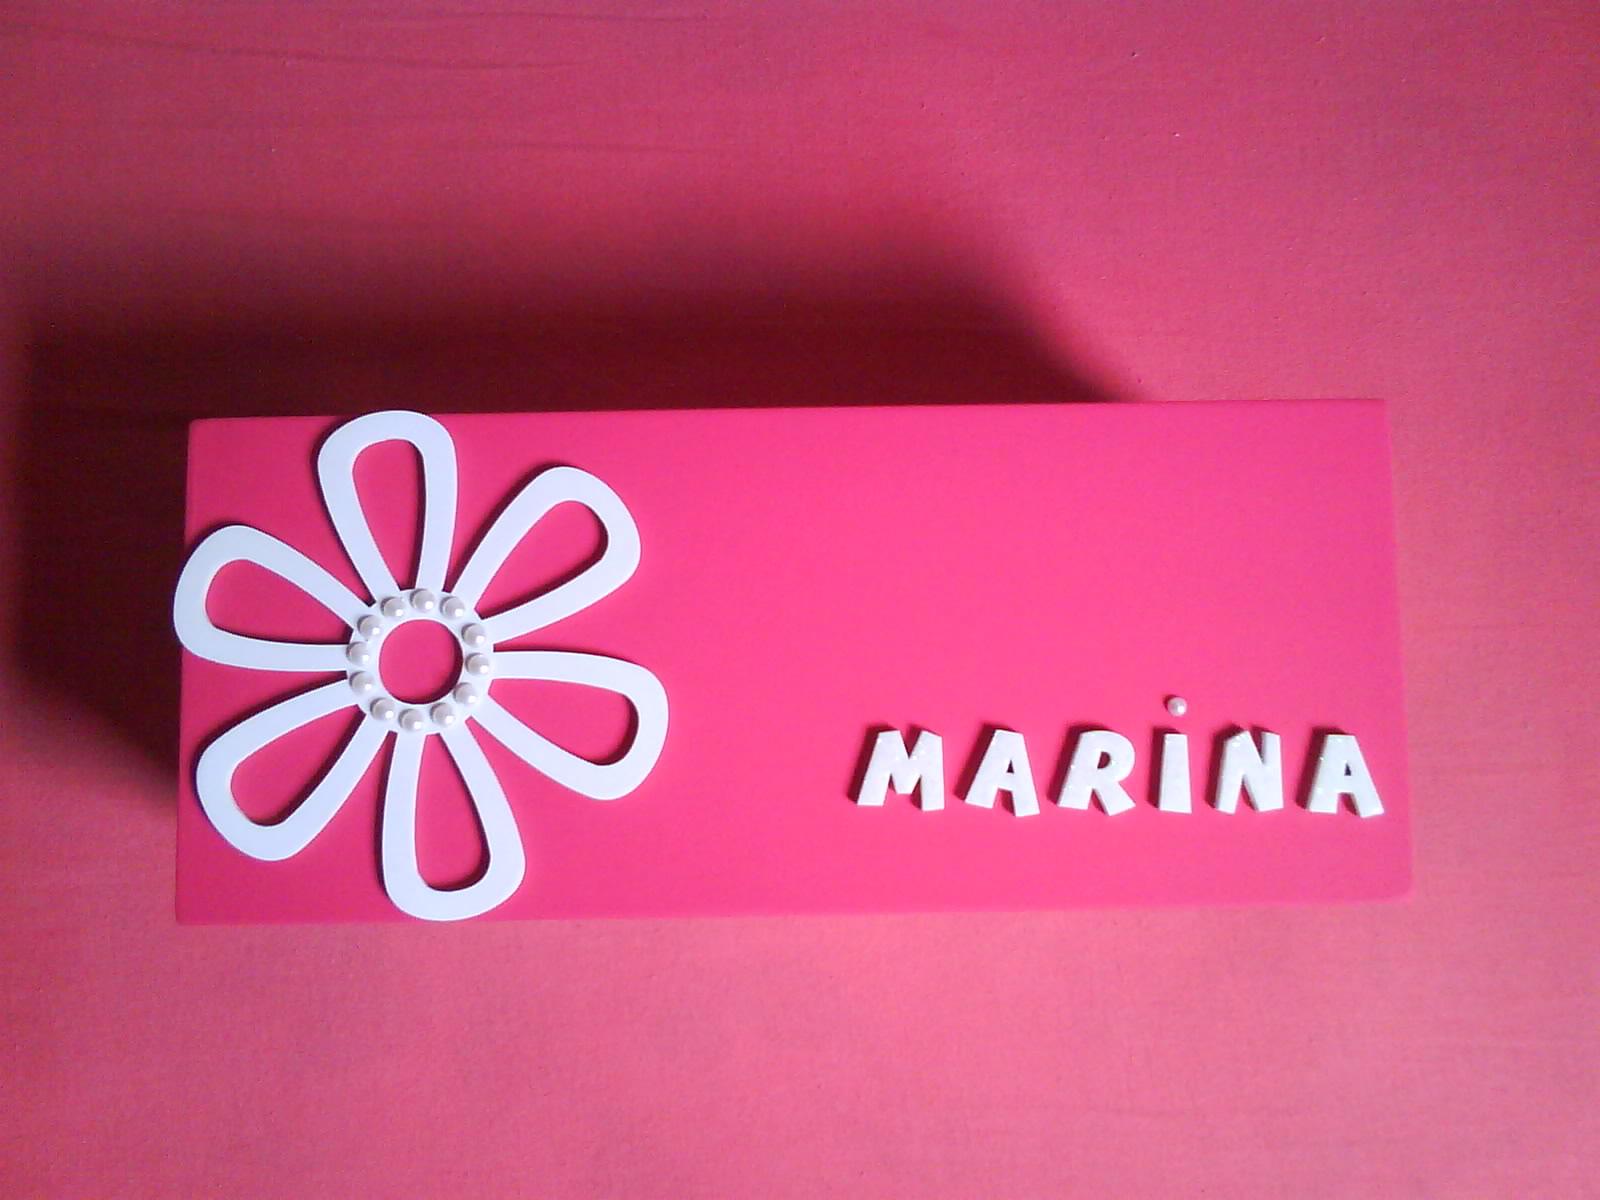 SEACHADORA: Caixa com apliques de madeira nome e flor #AB204F 1600x1200